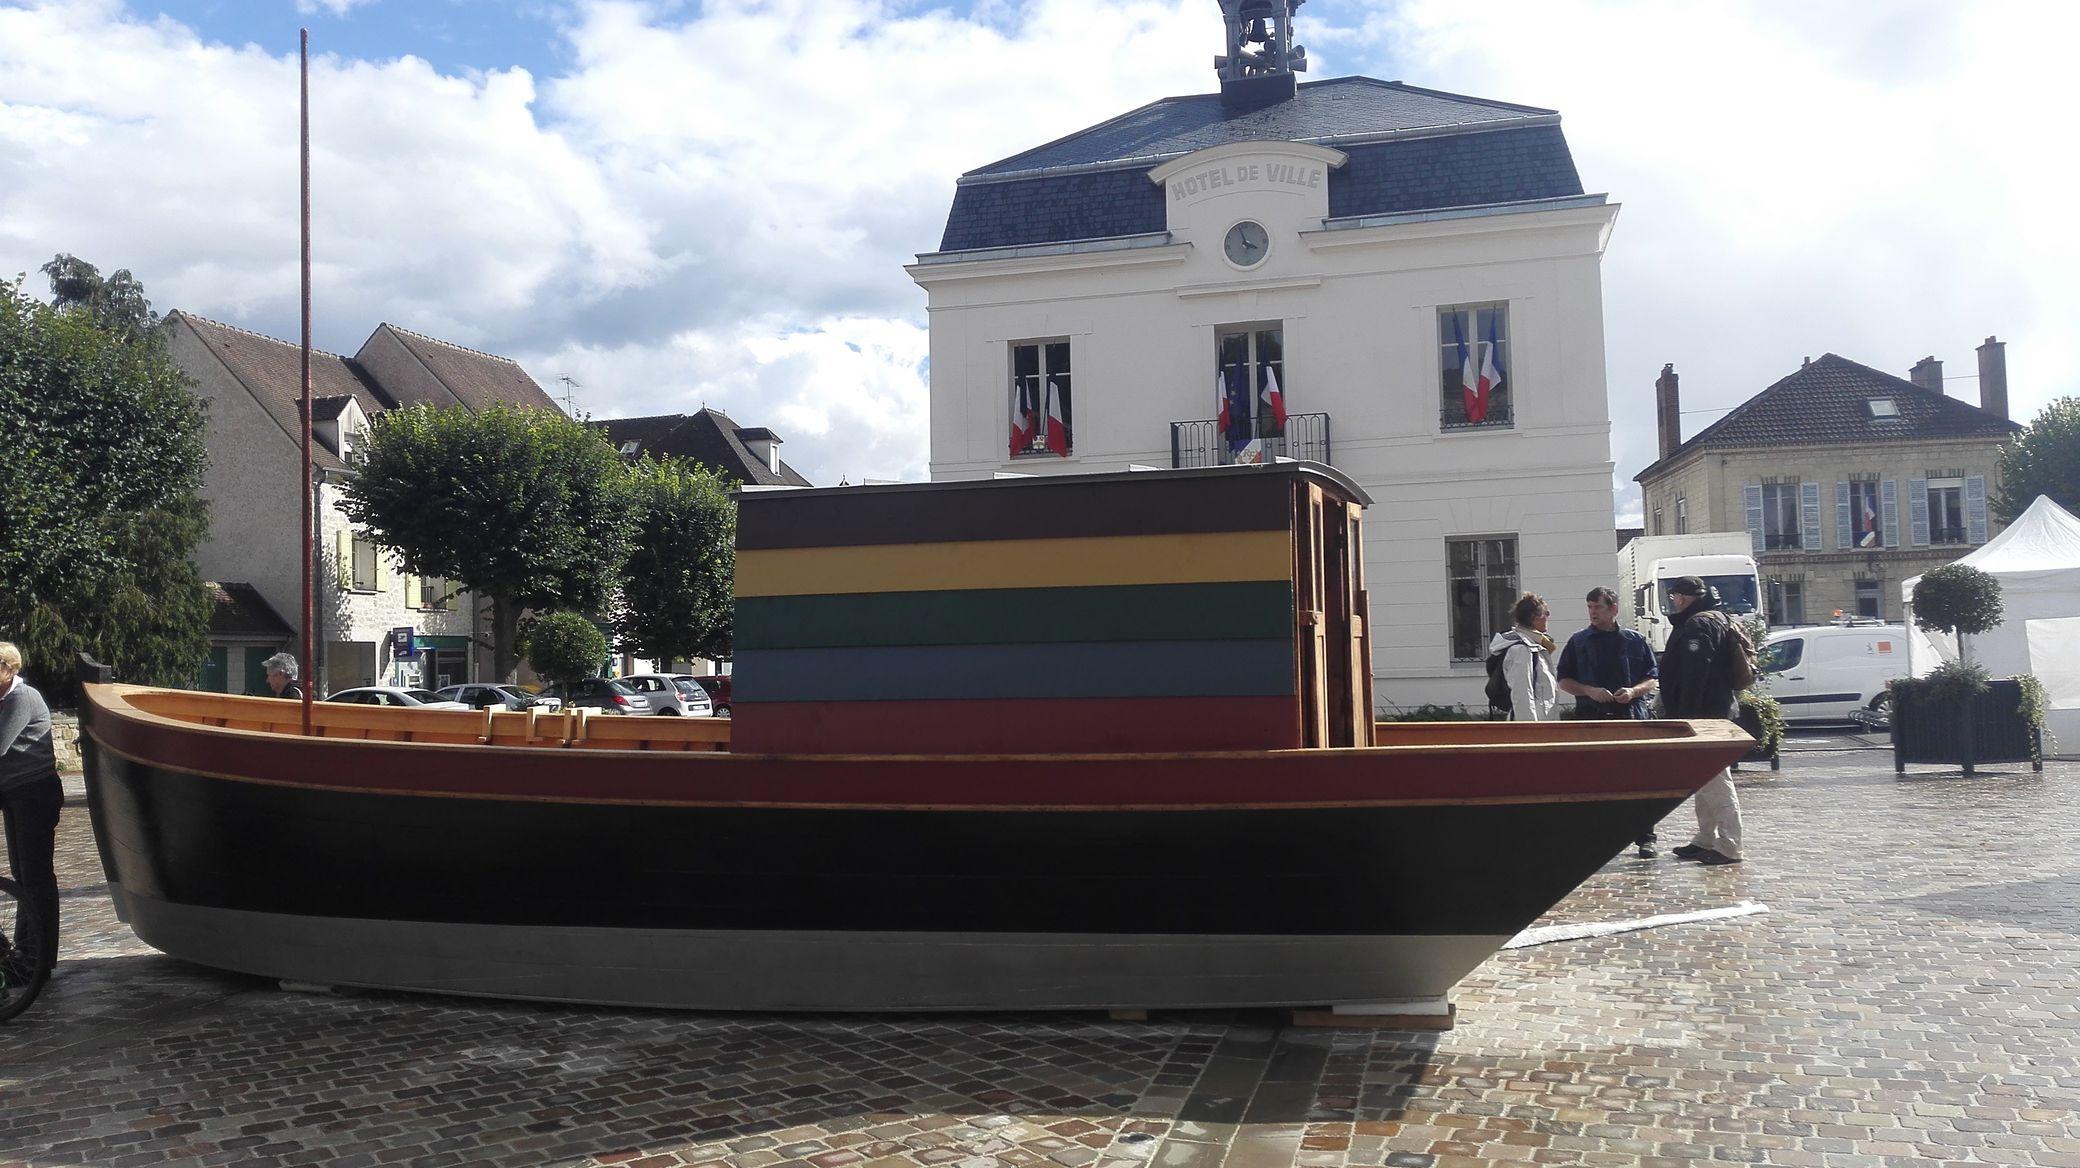 on distingue  bien les couleurs très particulières fidèles à la documentation retrouvée du bateau